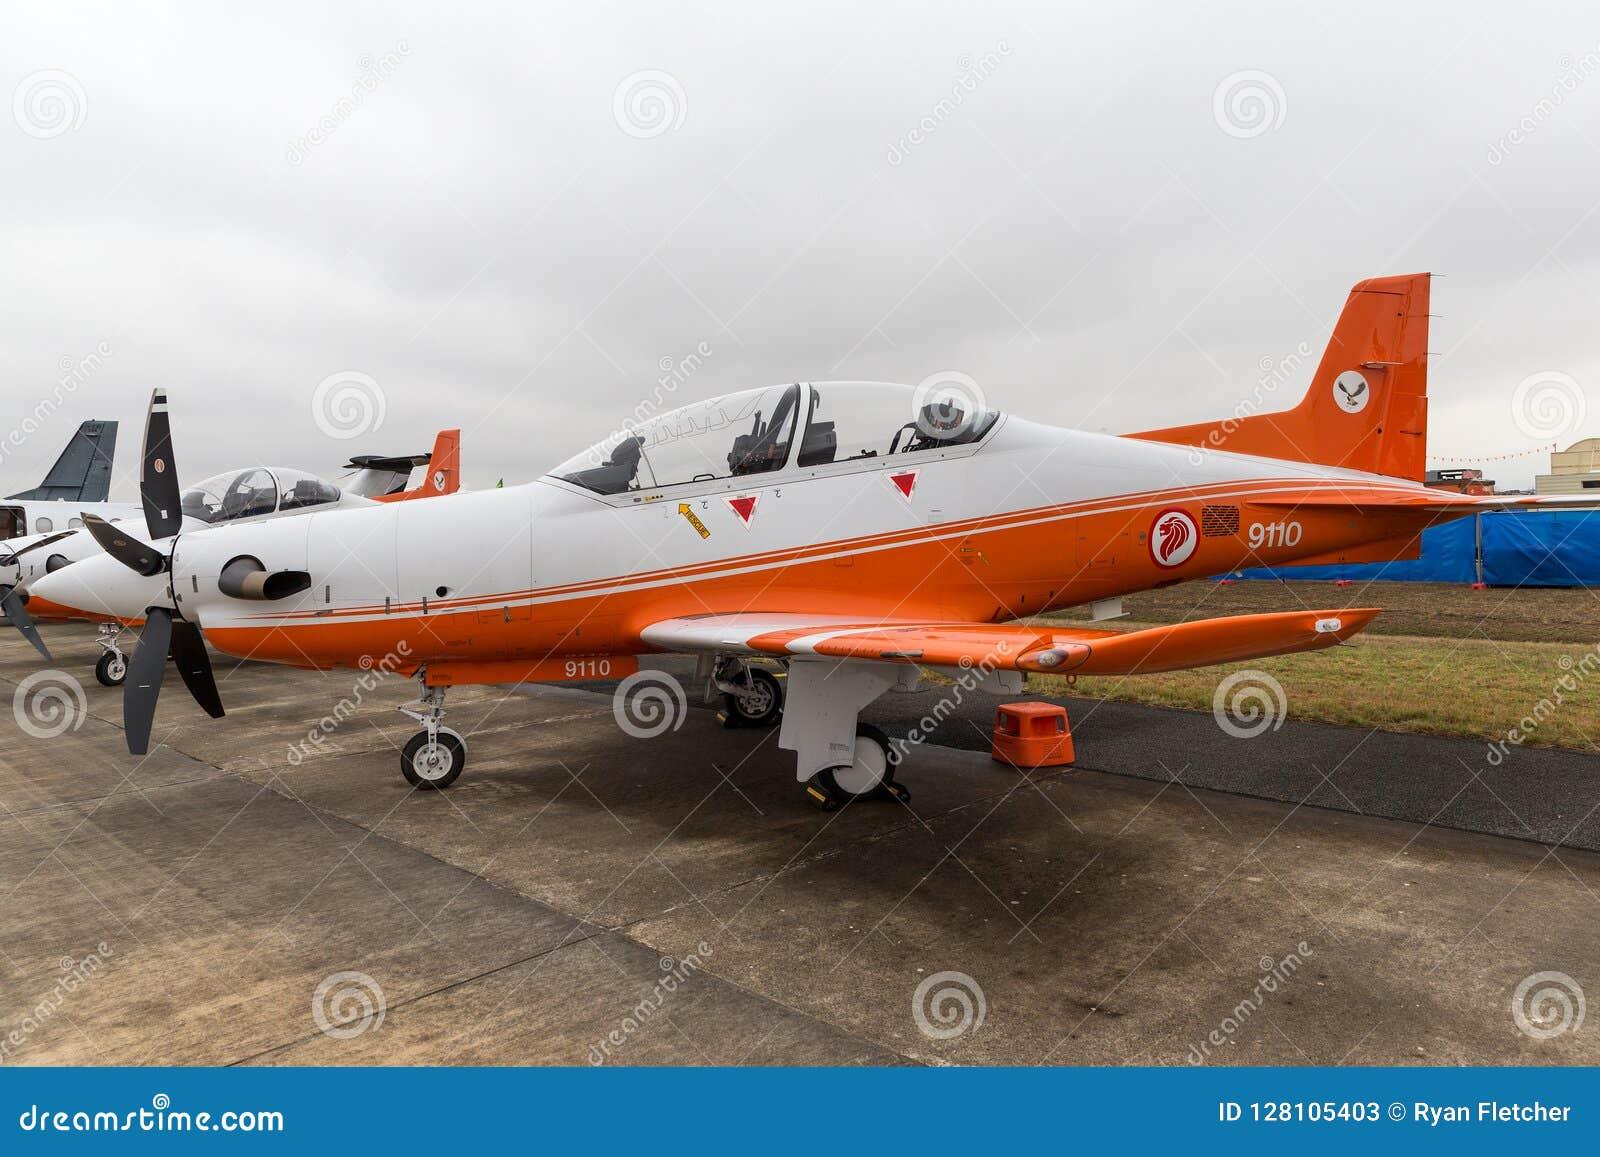 Republik Singapurs-Luftwaffe RSAF Pilatus PC-21 brachte die Flugzeuge der militärischen Ausbildung voran, die an RAAF Pearce in W